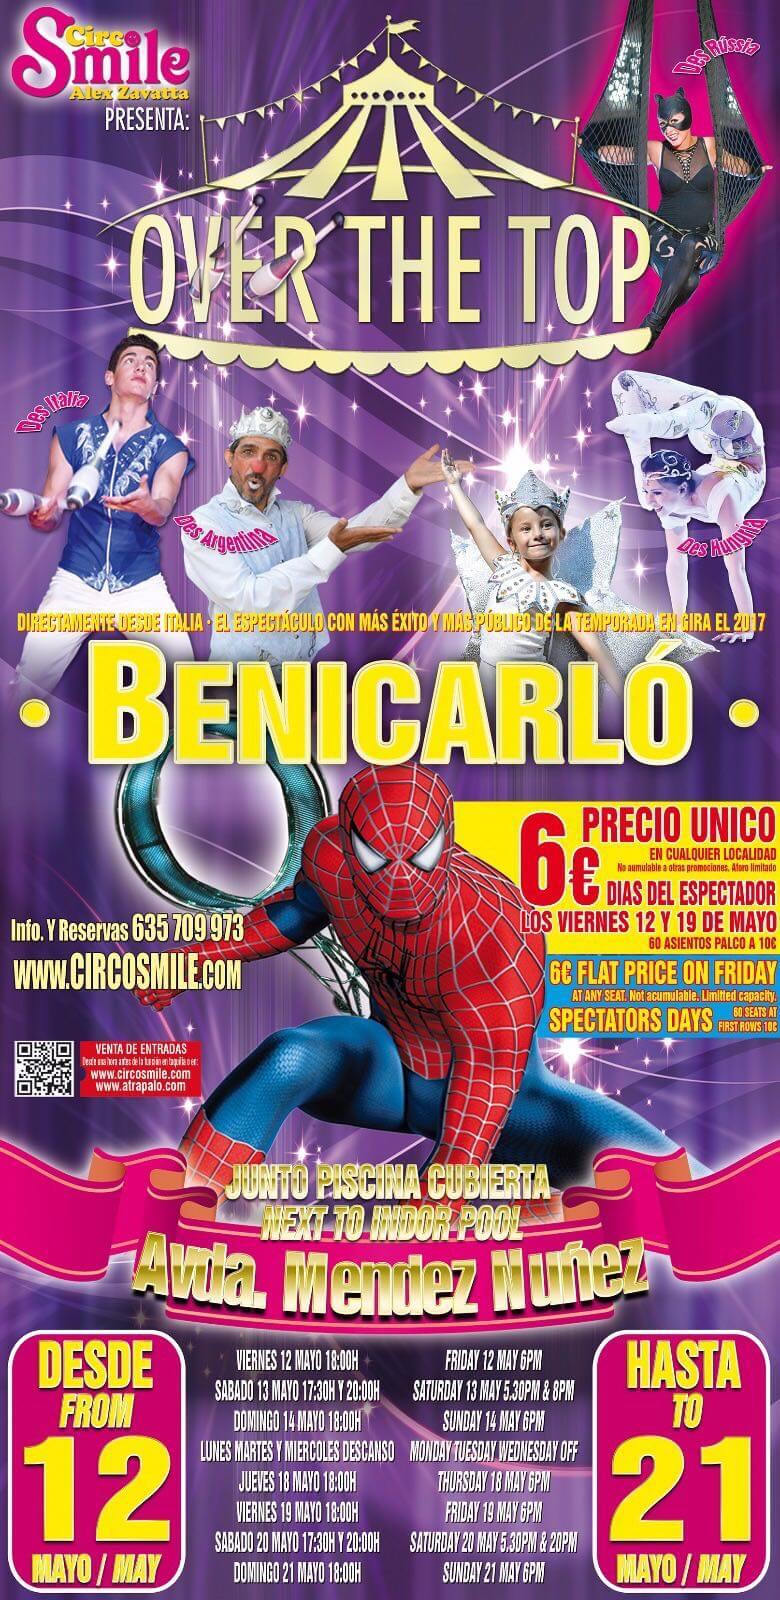 CARTEL ANUNCIO - CIRCO SMILE en BENICARLO del 12 al 21 Mayo 2017